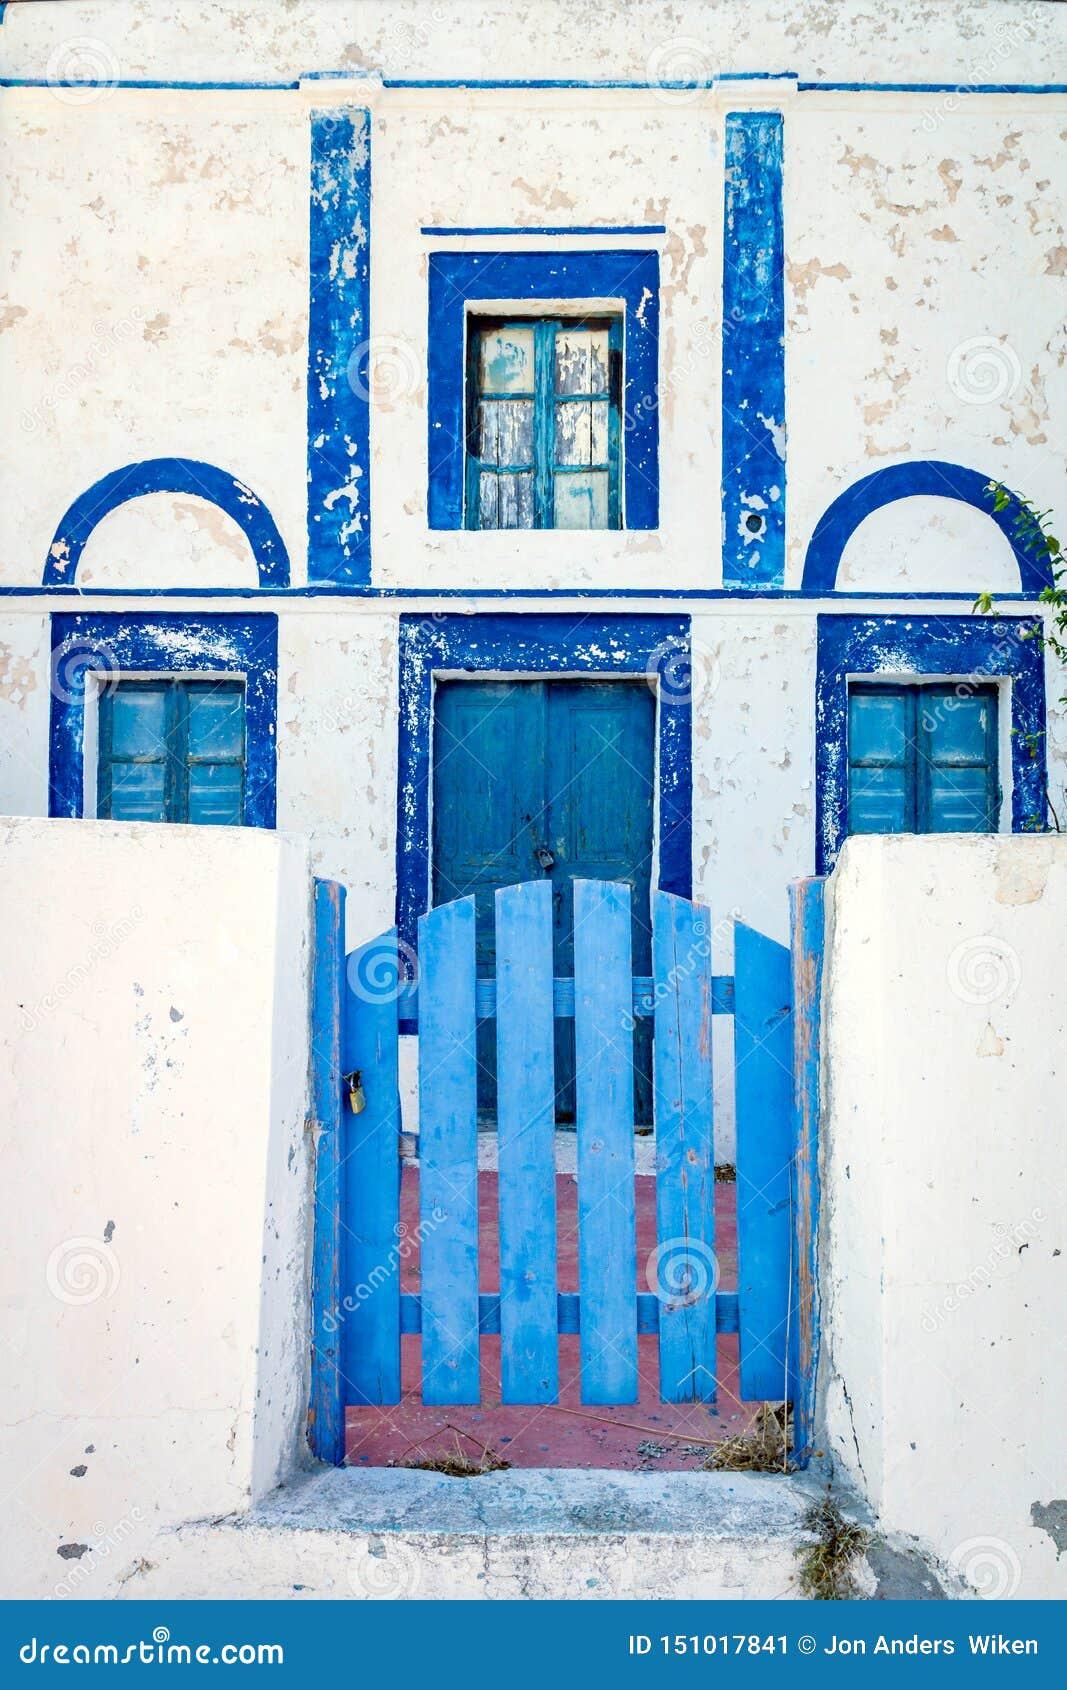 Σπίτι σε Santorini/Ελλάδα με τις μπλε πόρτες και τα παράθυρα